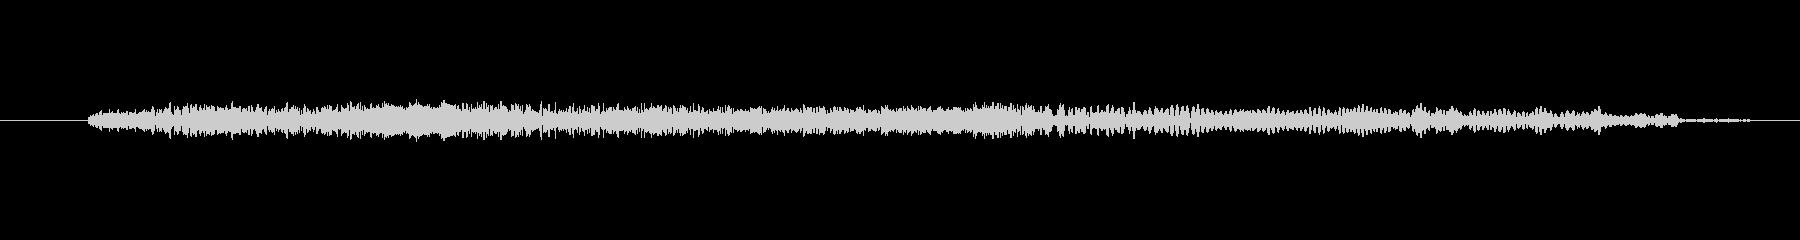 FI スペース 計算機ハード02の未再生の波形